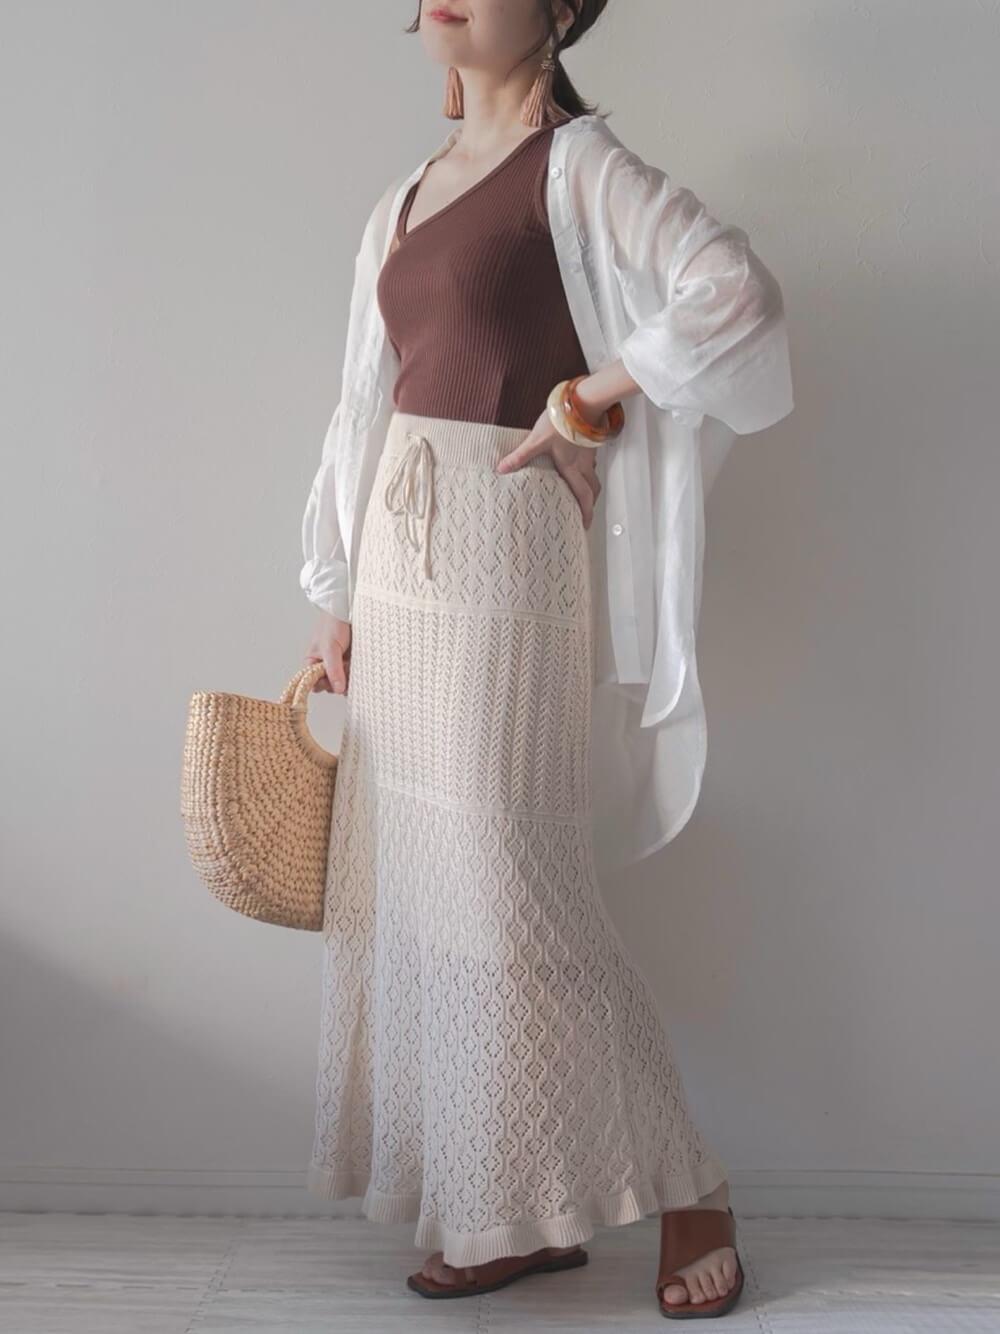 キャミソール×白のシアーシャツ×ベージュのニット透かし編みニットスカート×ブラウンのサンダル